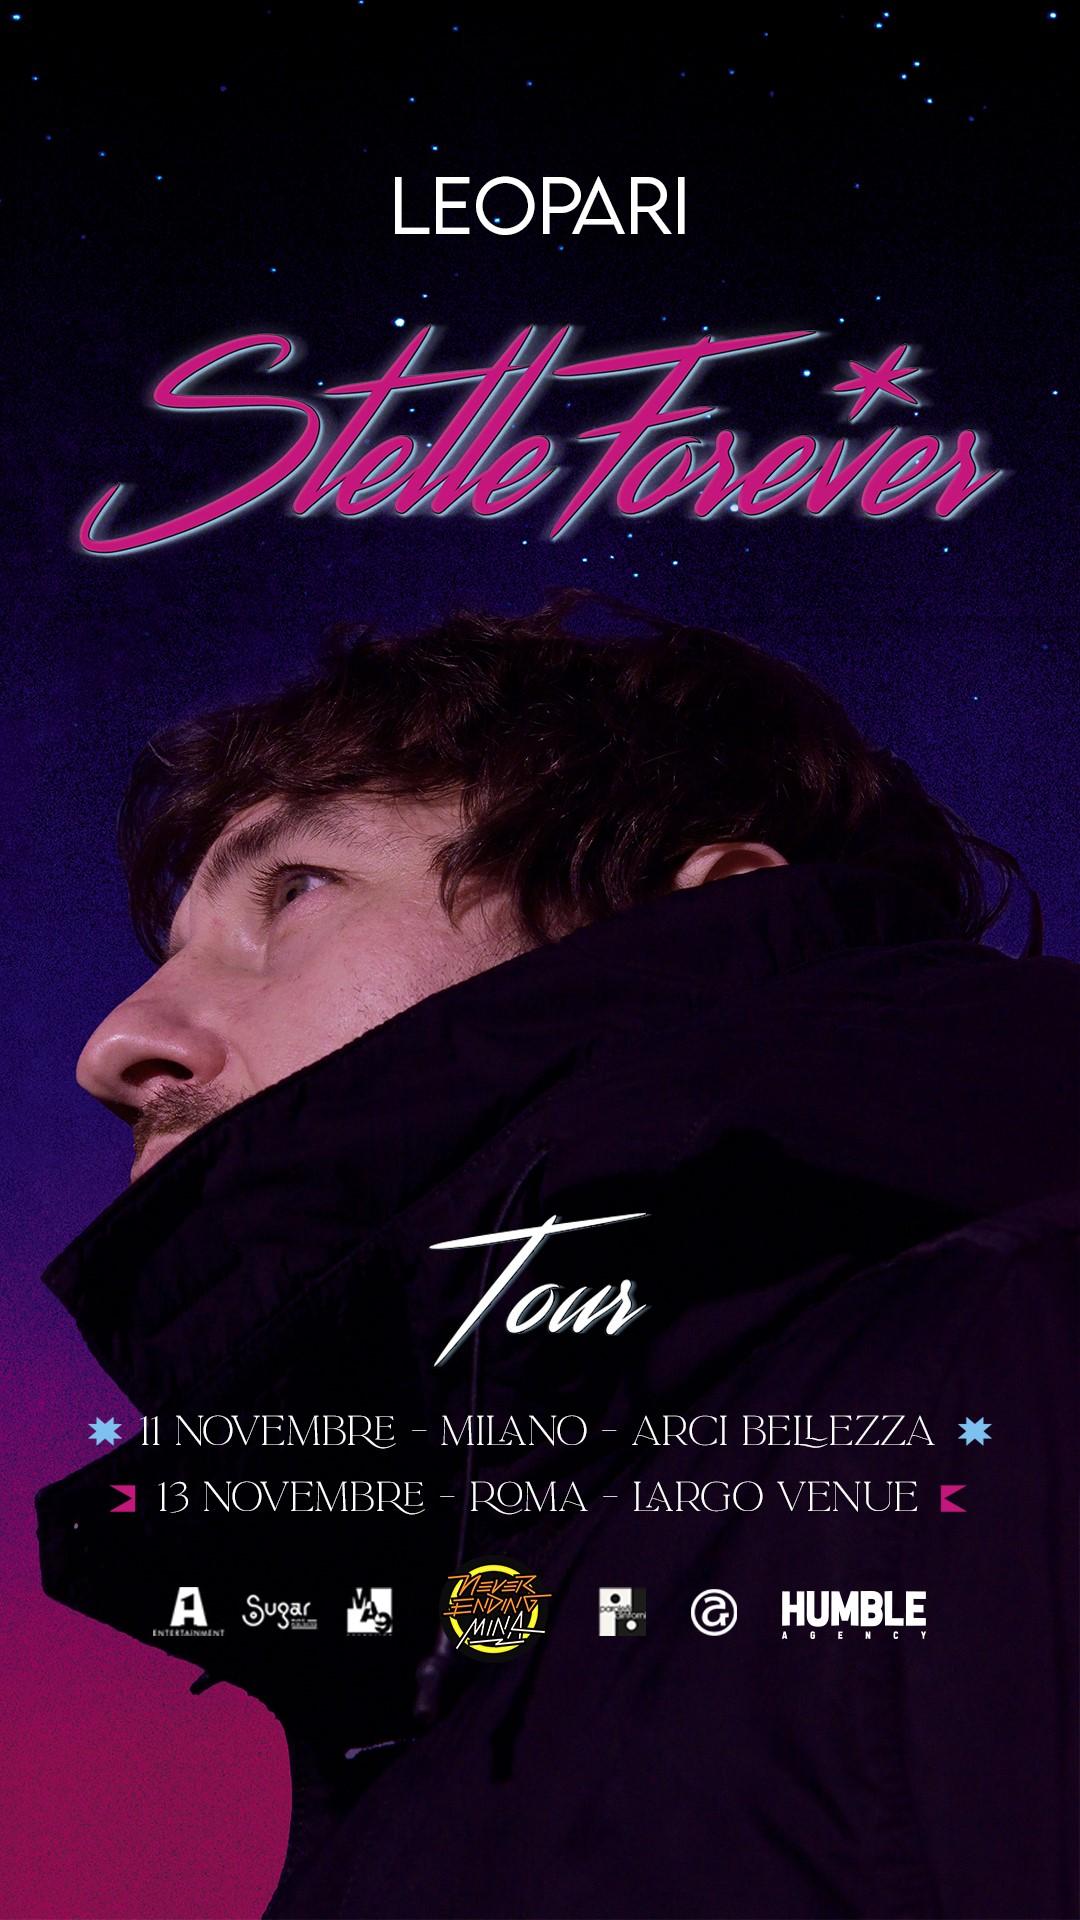 LEO PARI in concerto i giorni 11 novembre a MILANO (Arci Bellezza) e 13 novembre a ROMA (Largo Venue) per le prime due date dello STELLE FOREVER TOUR 2021